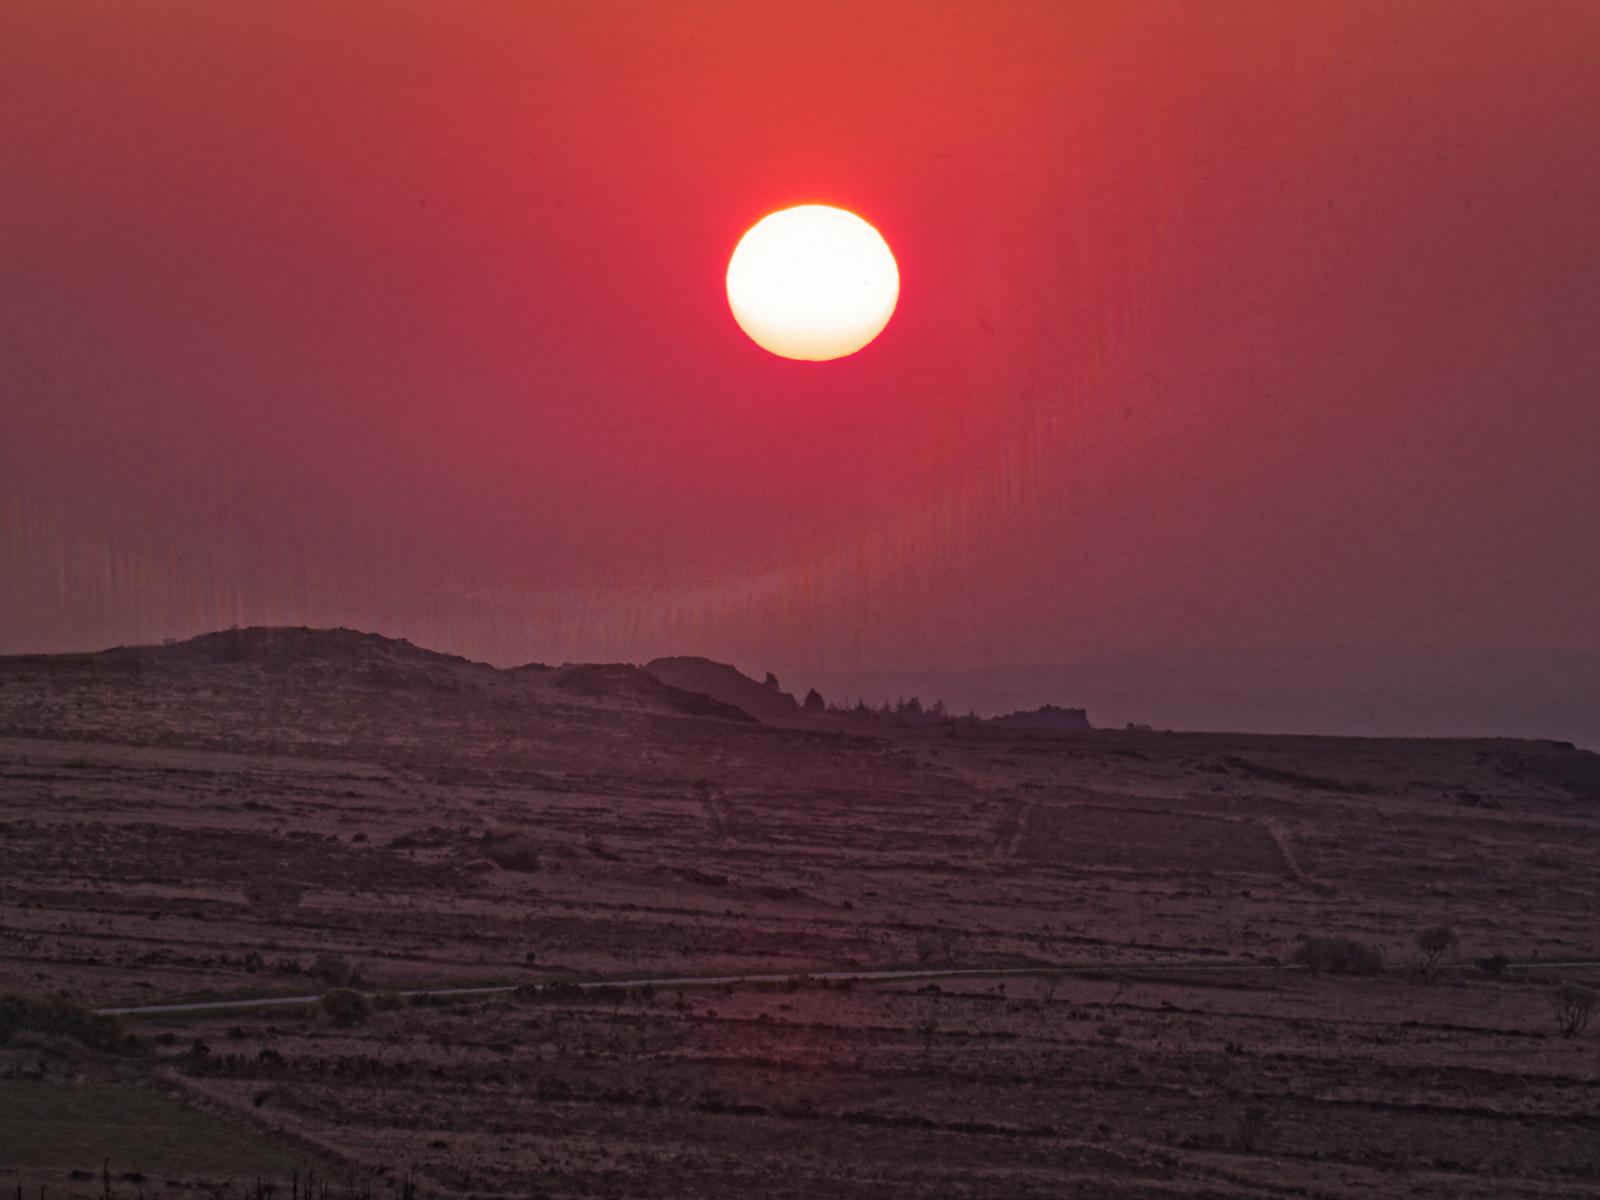 Dune, Arrakis, sunrise, soleil, Bretagne, Monts d'Arrée